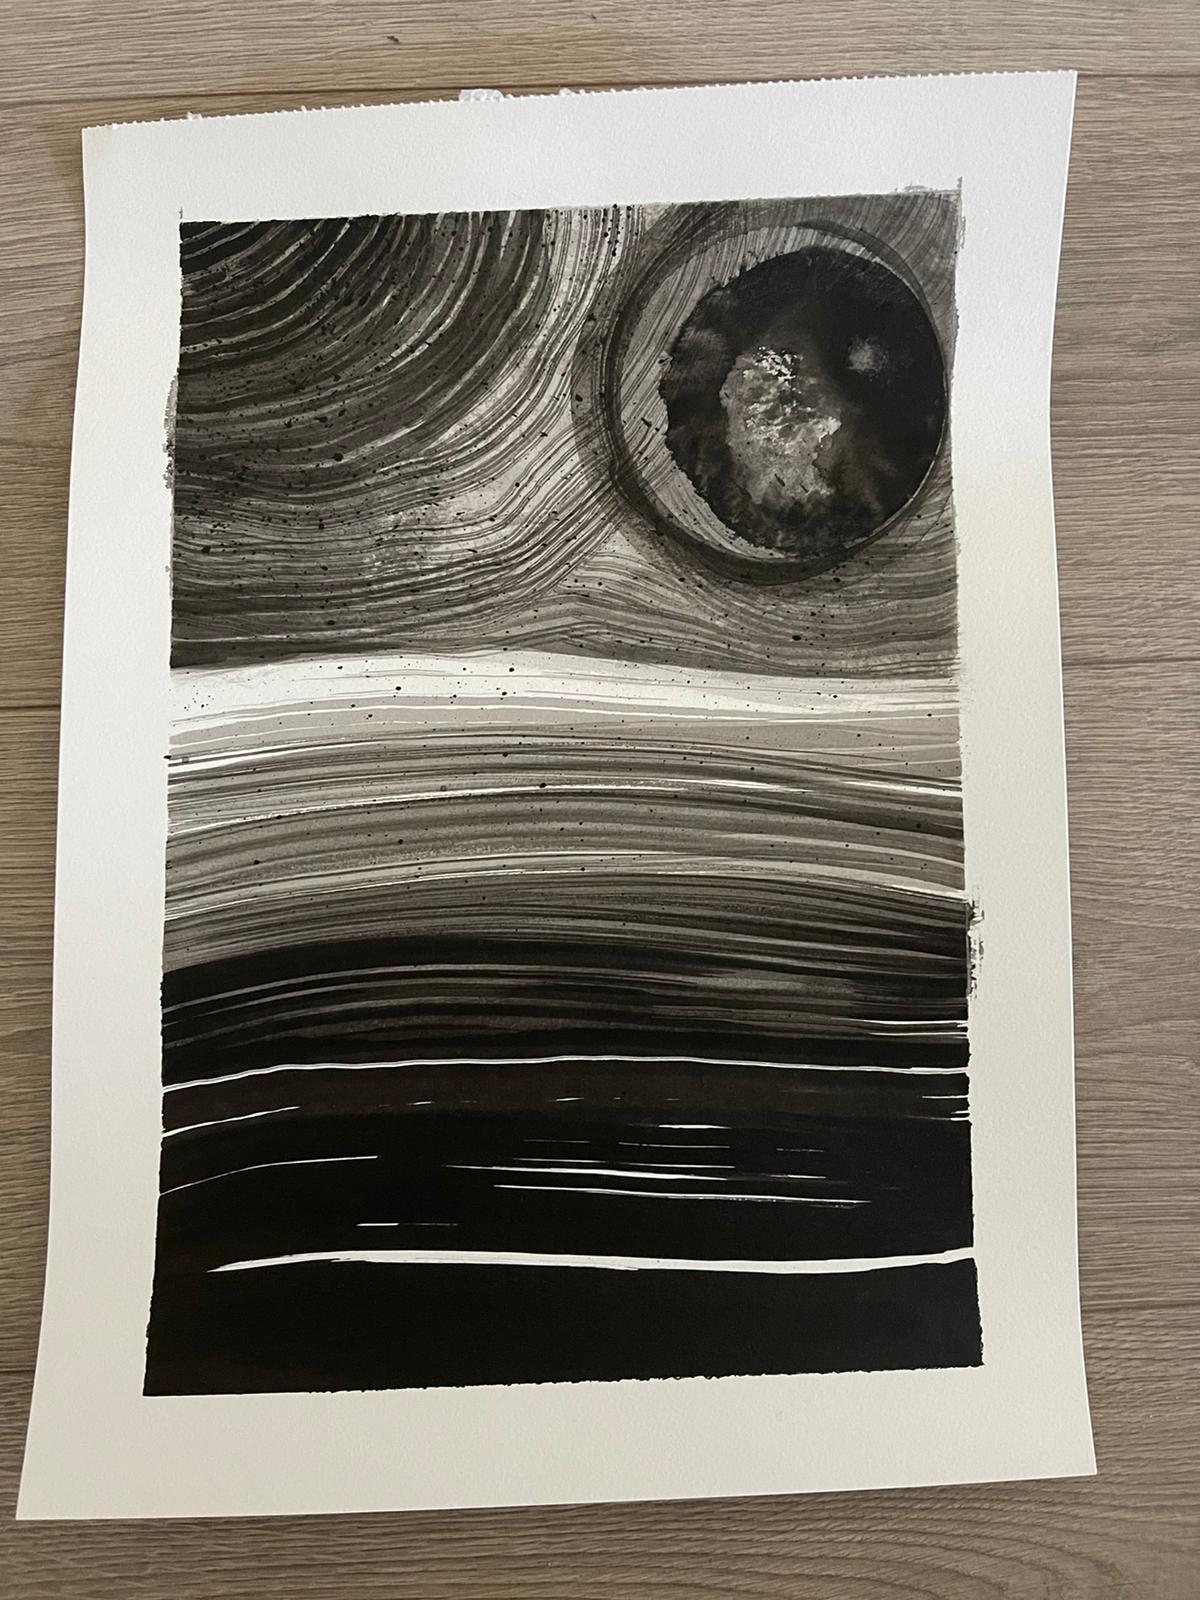 Image of Original painting by Jota #4